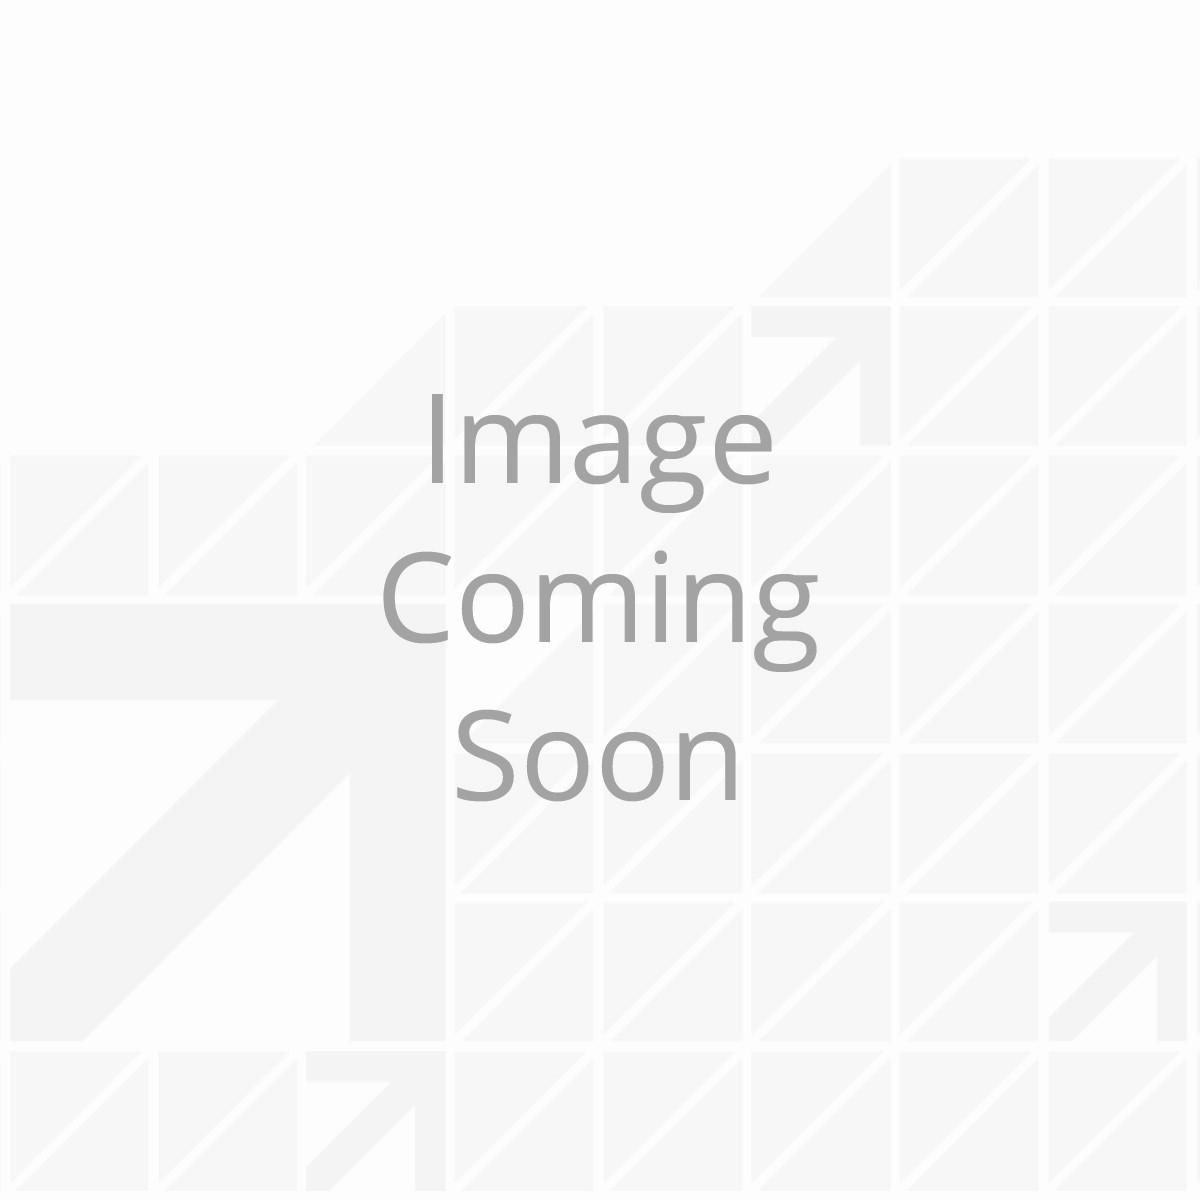 Raxm 68.25 X 9.5 Standard